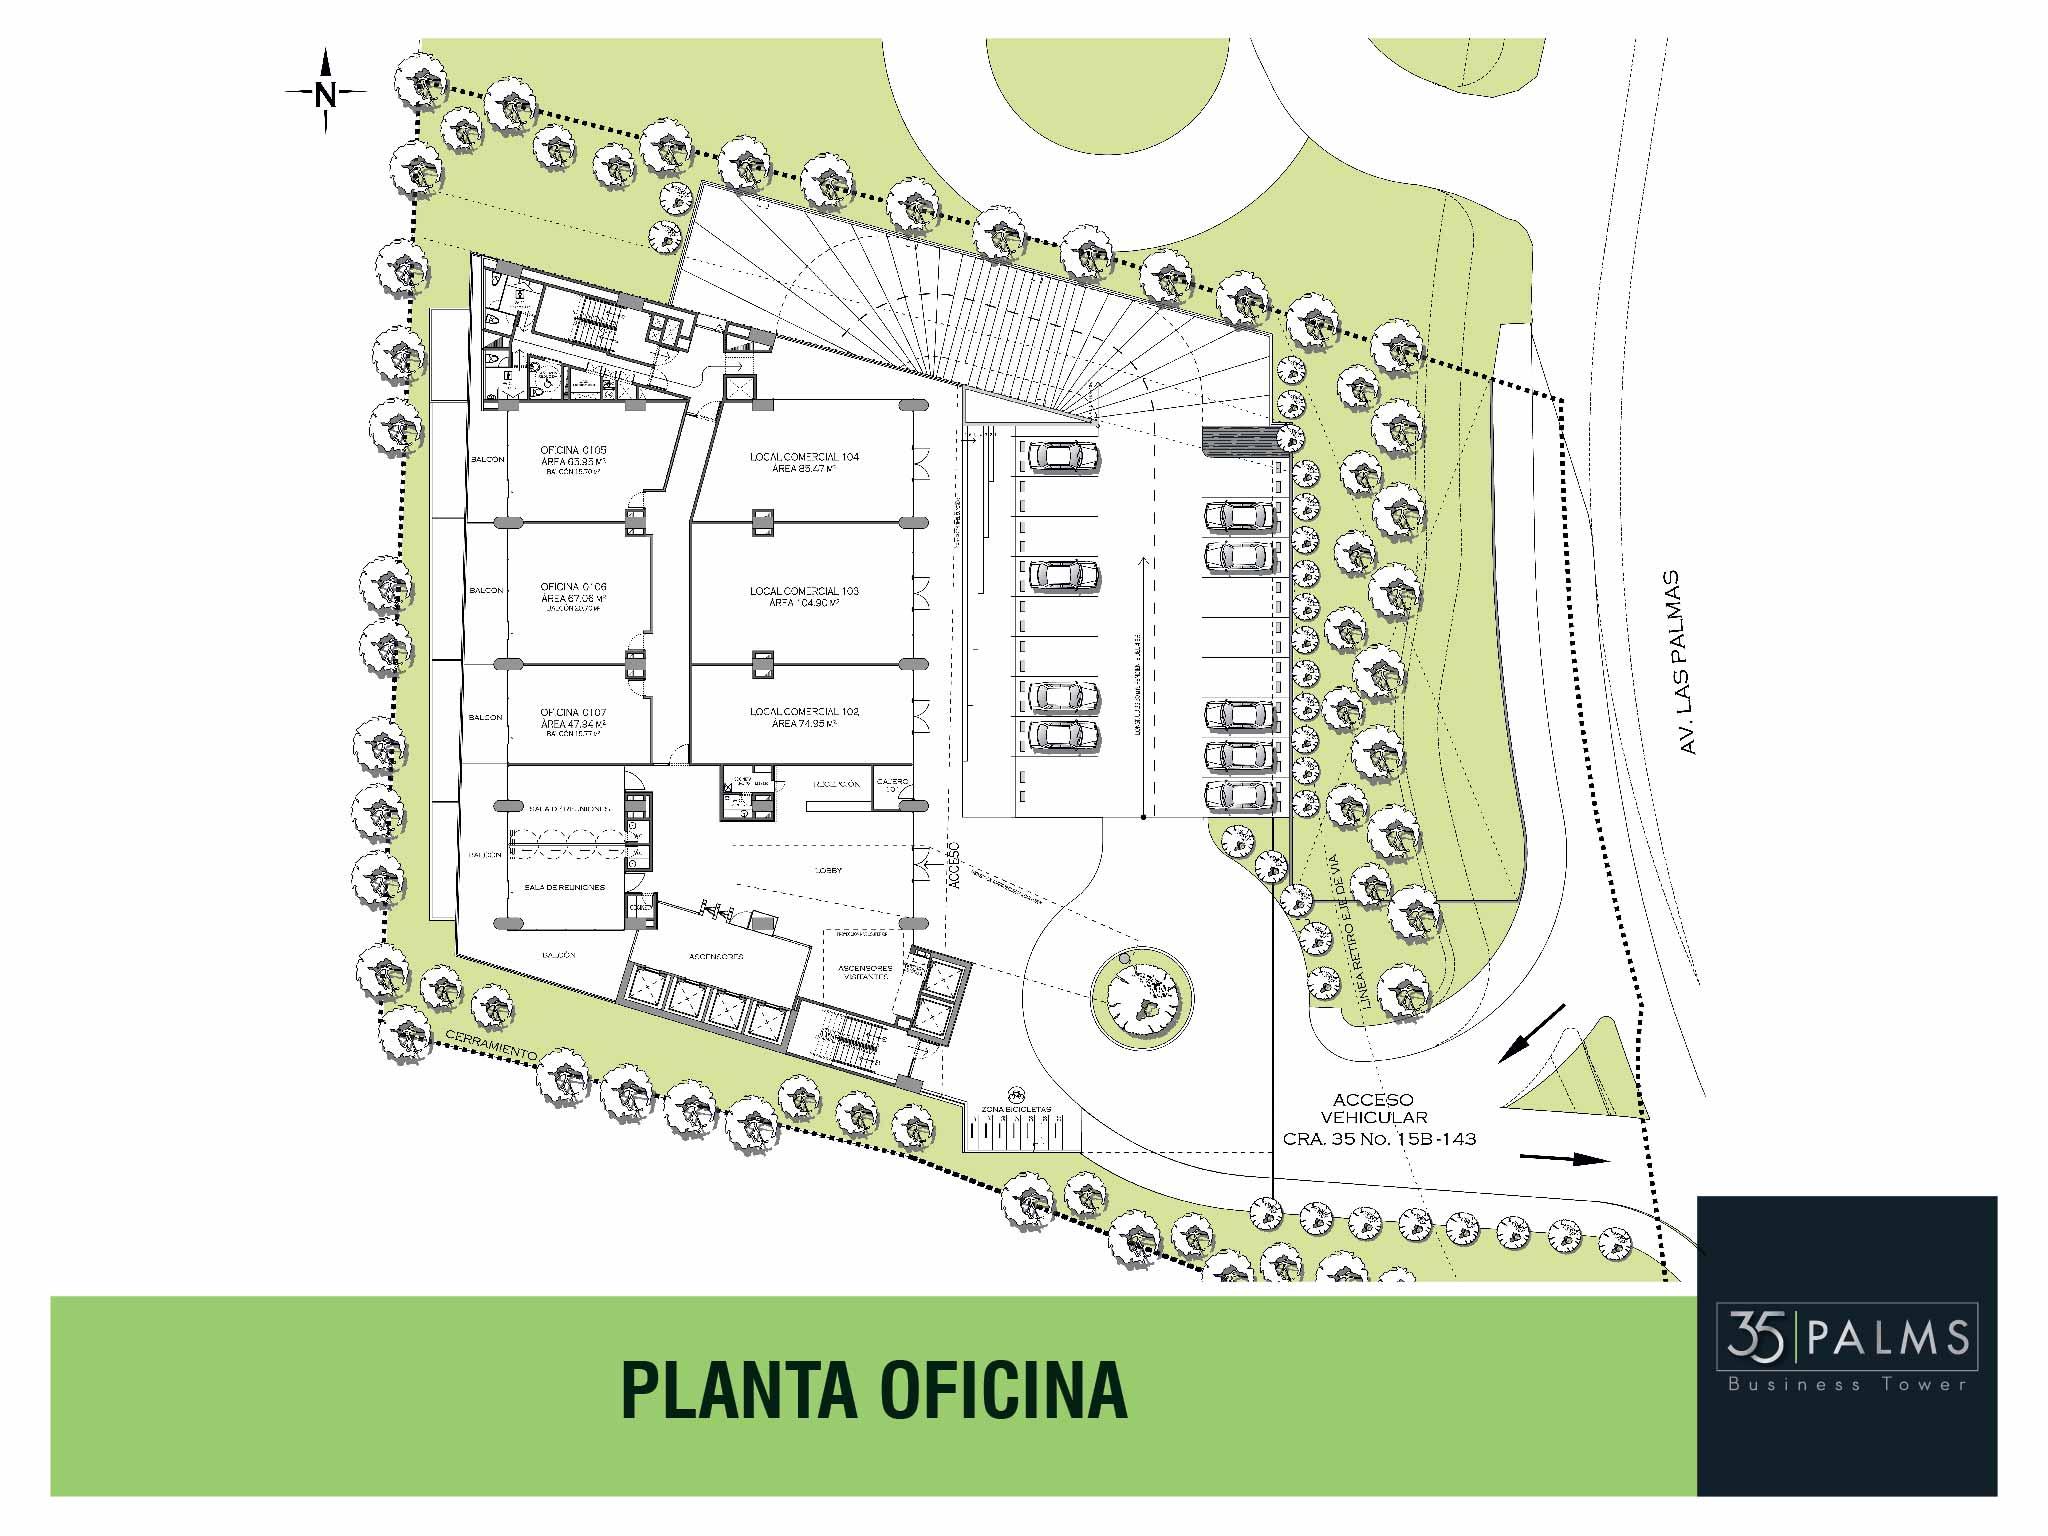 35 PALMS OFICINAS EL POBLADO PLANTA OFICINA